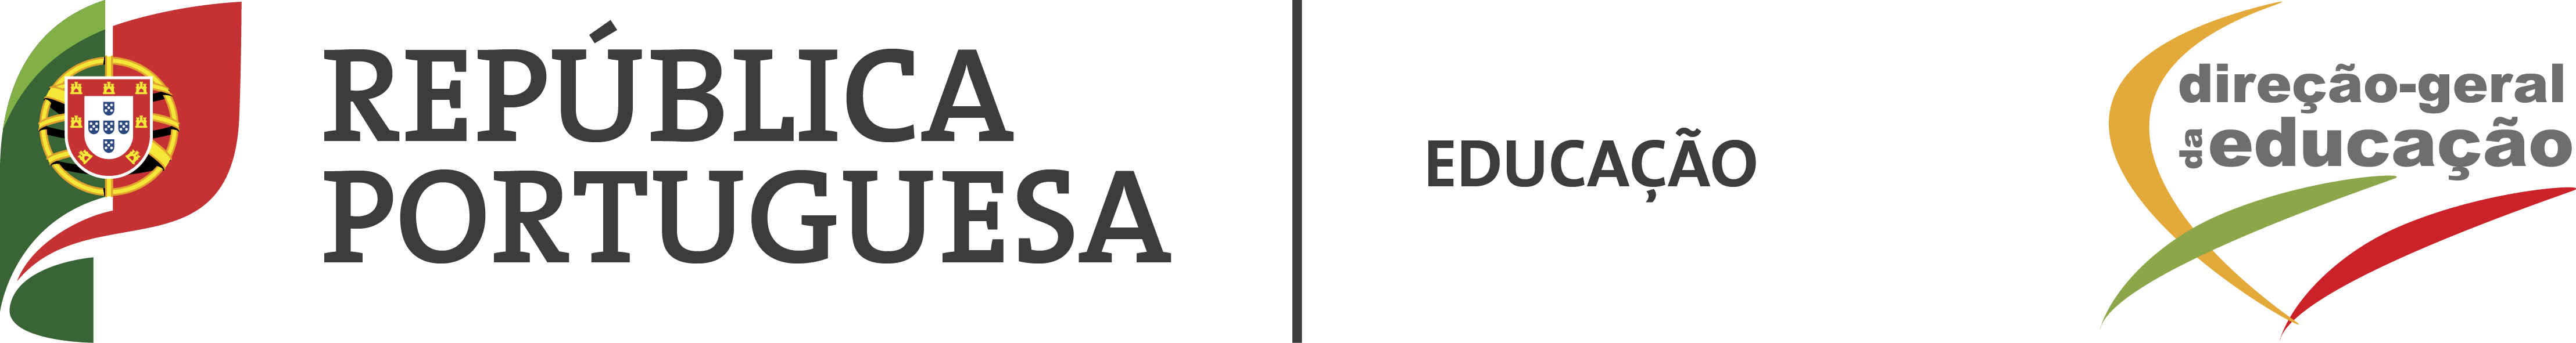 Logotipo Registar a apreciação, seleção e adoção de Manual Escolar